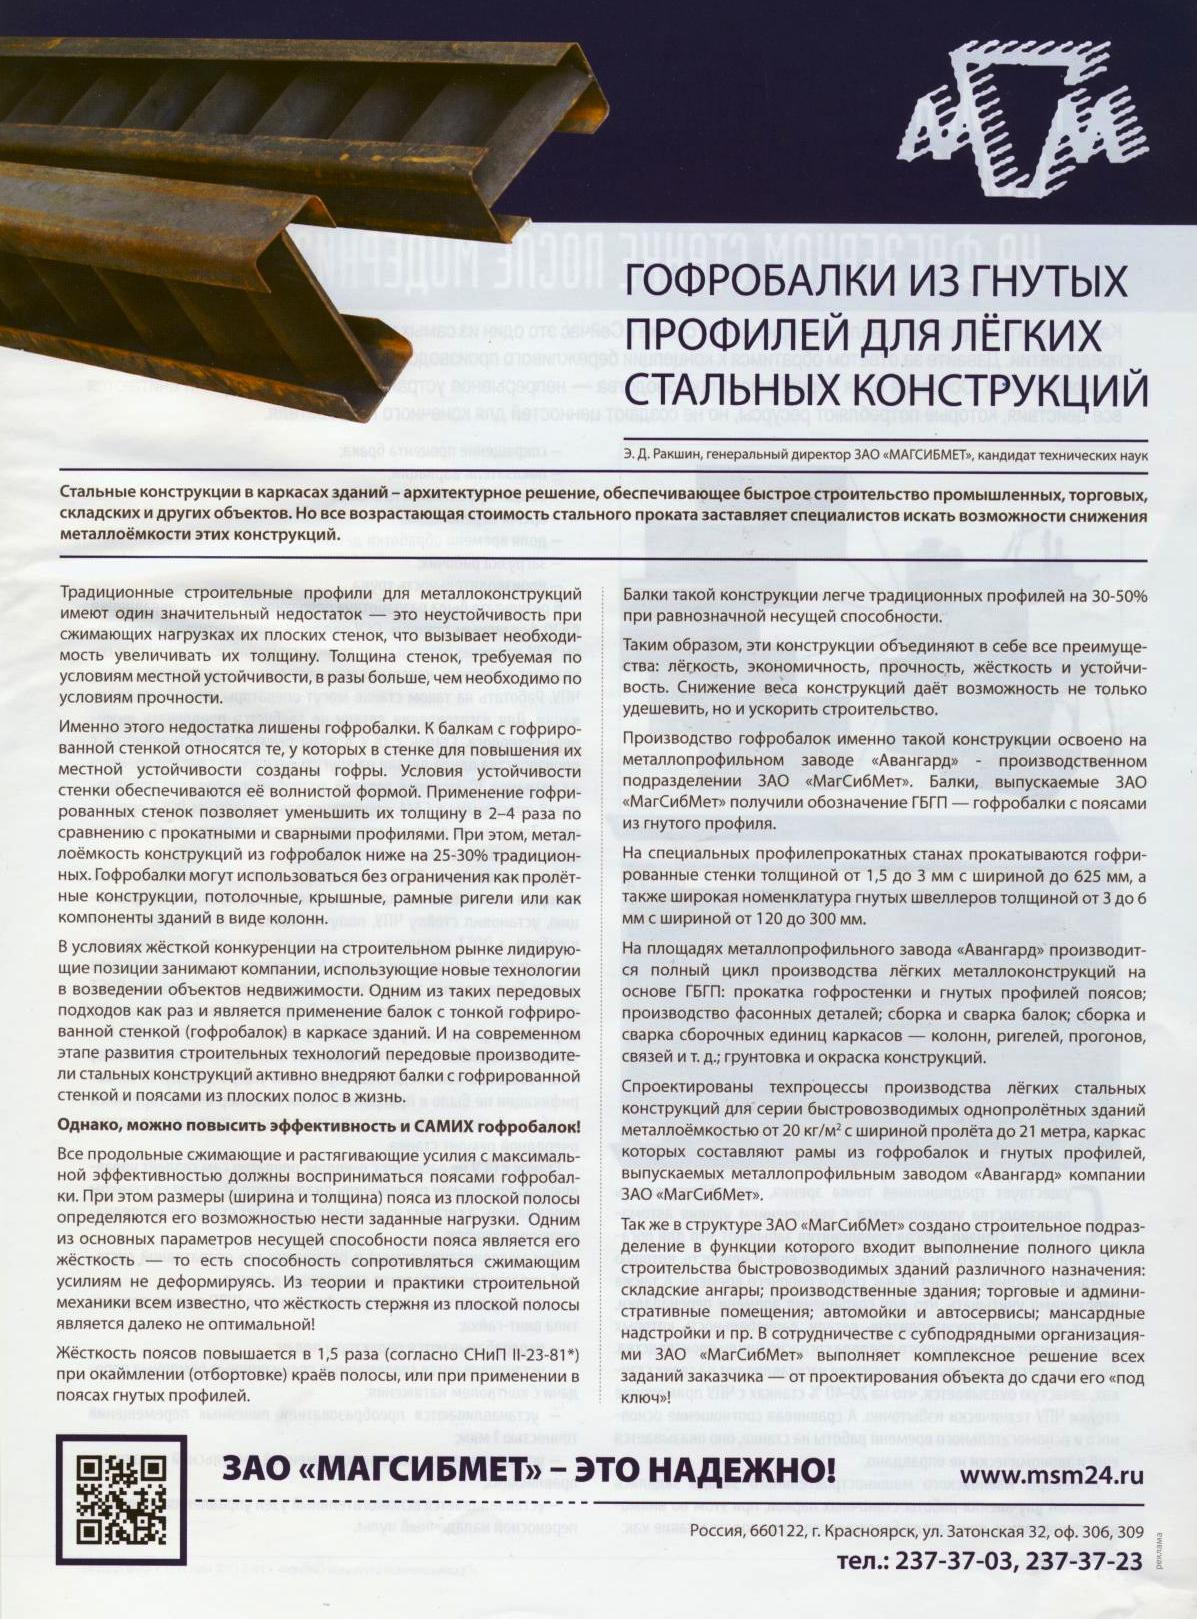 Больше ЛМК в России www.steelbuildings.ru ГофроБалки из гнутых профилей для лёгких стальных конструкций.